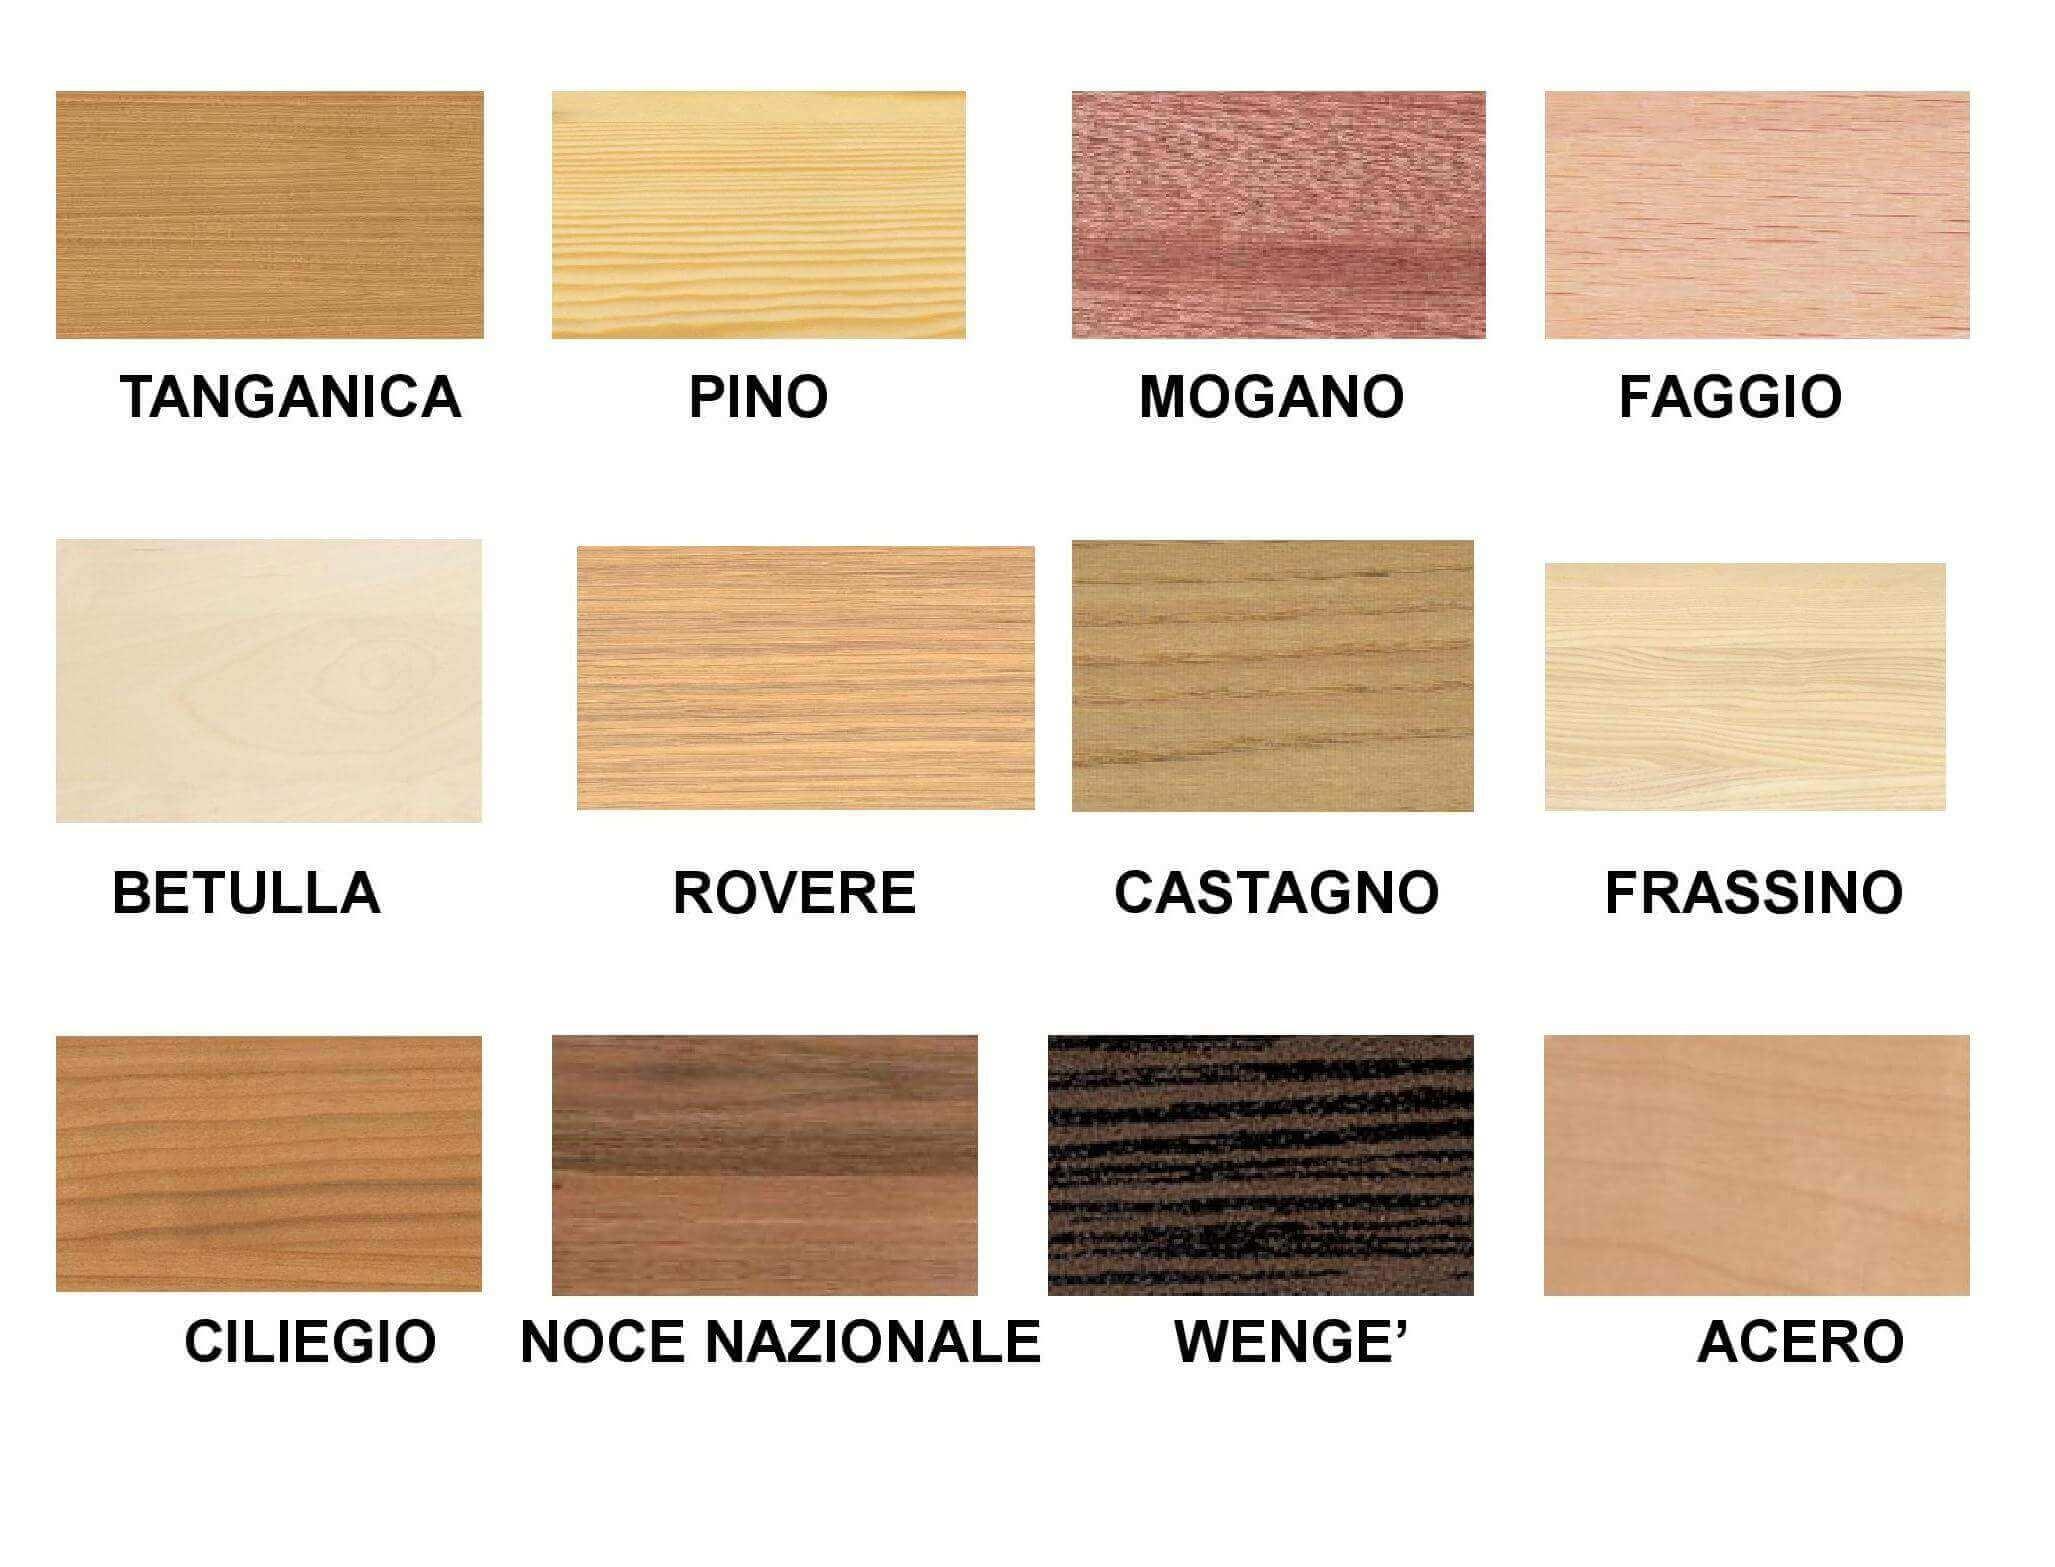 Come riconoscere le diverse tipologie di legno - A ...